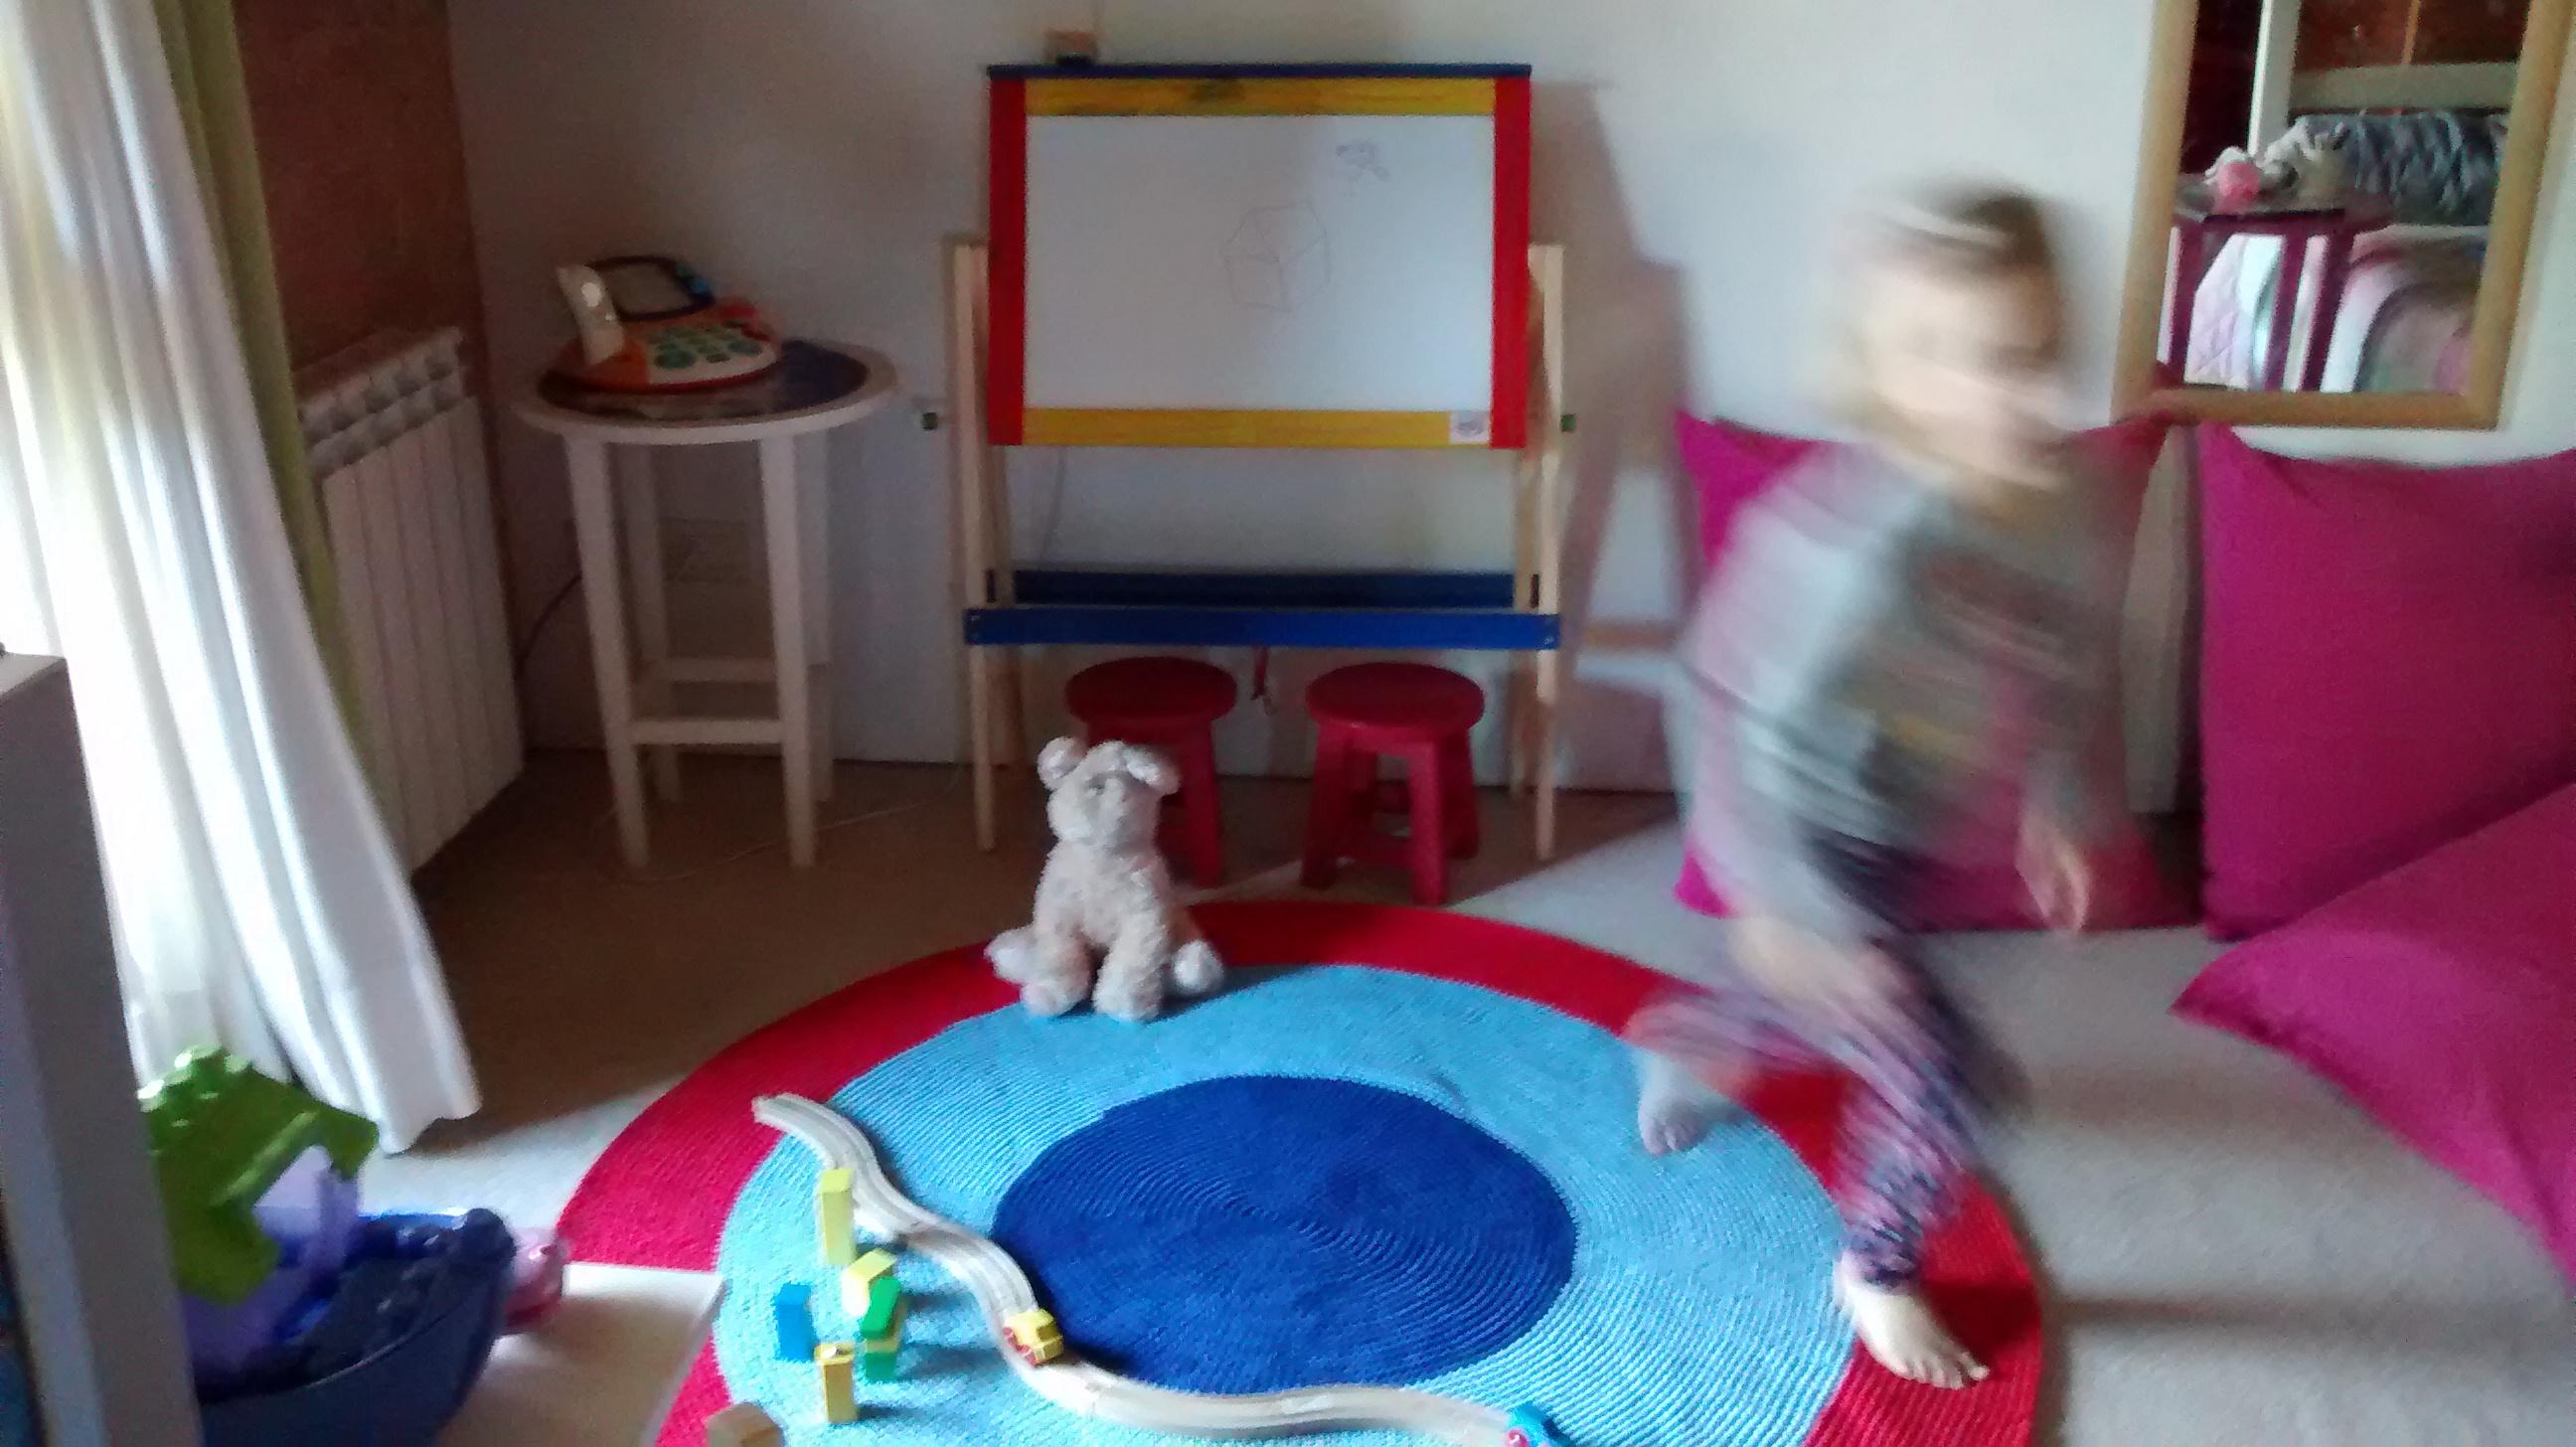 alfombra crochet deco infantil - Habitacion infantil. Alfombras lavables tejidas a medida